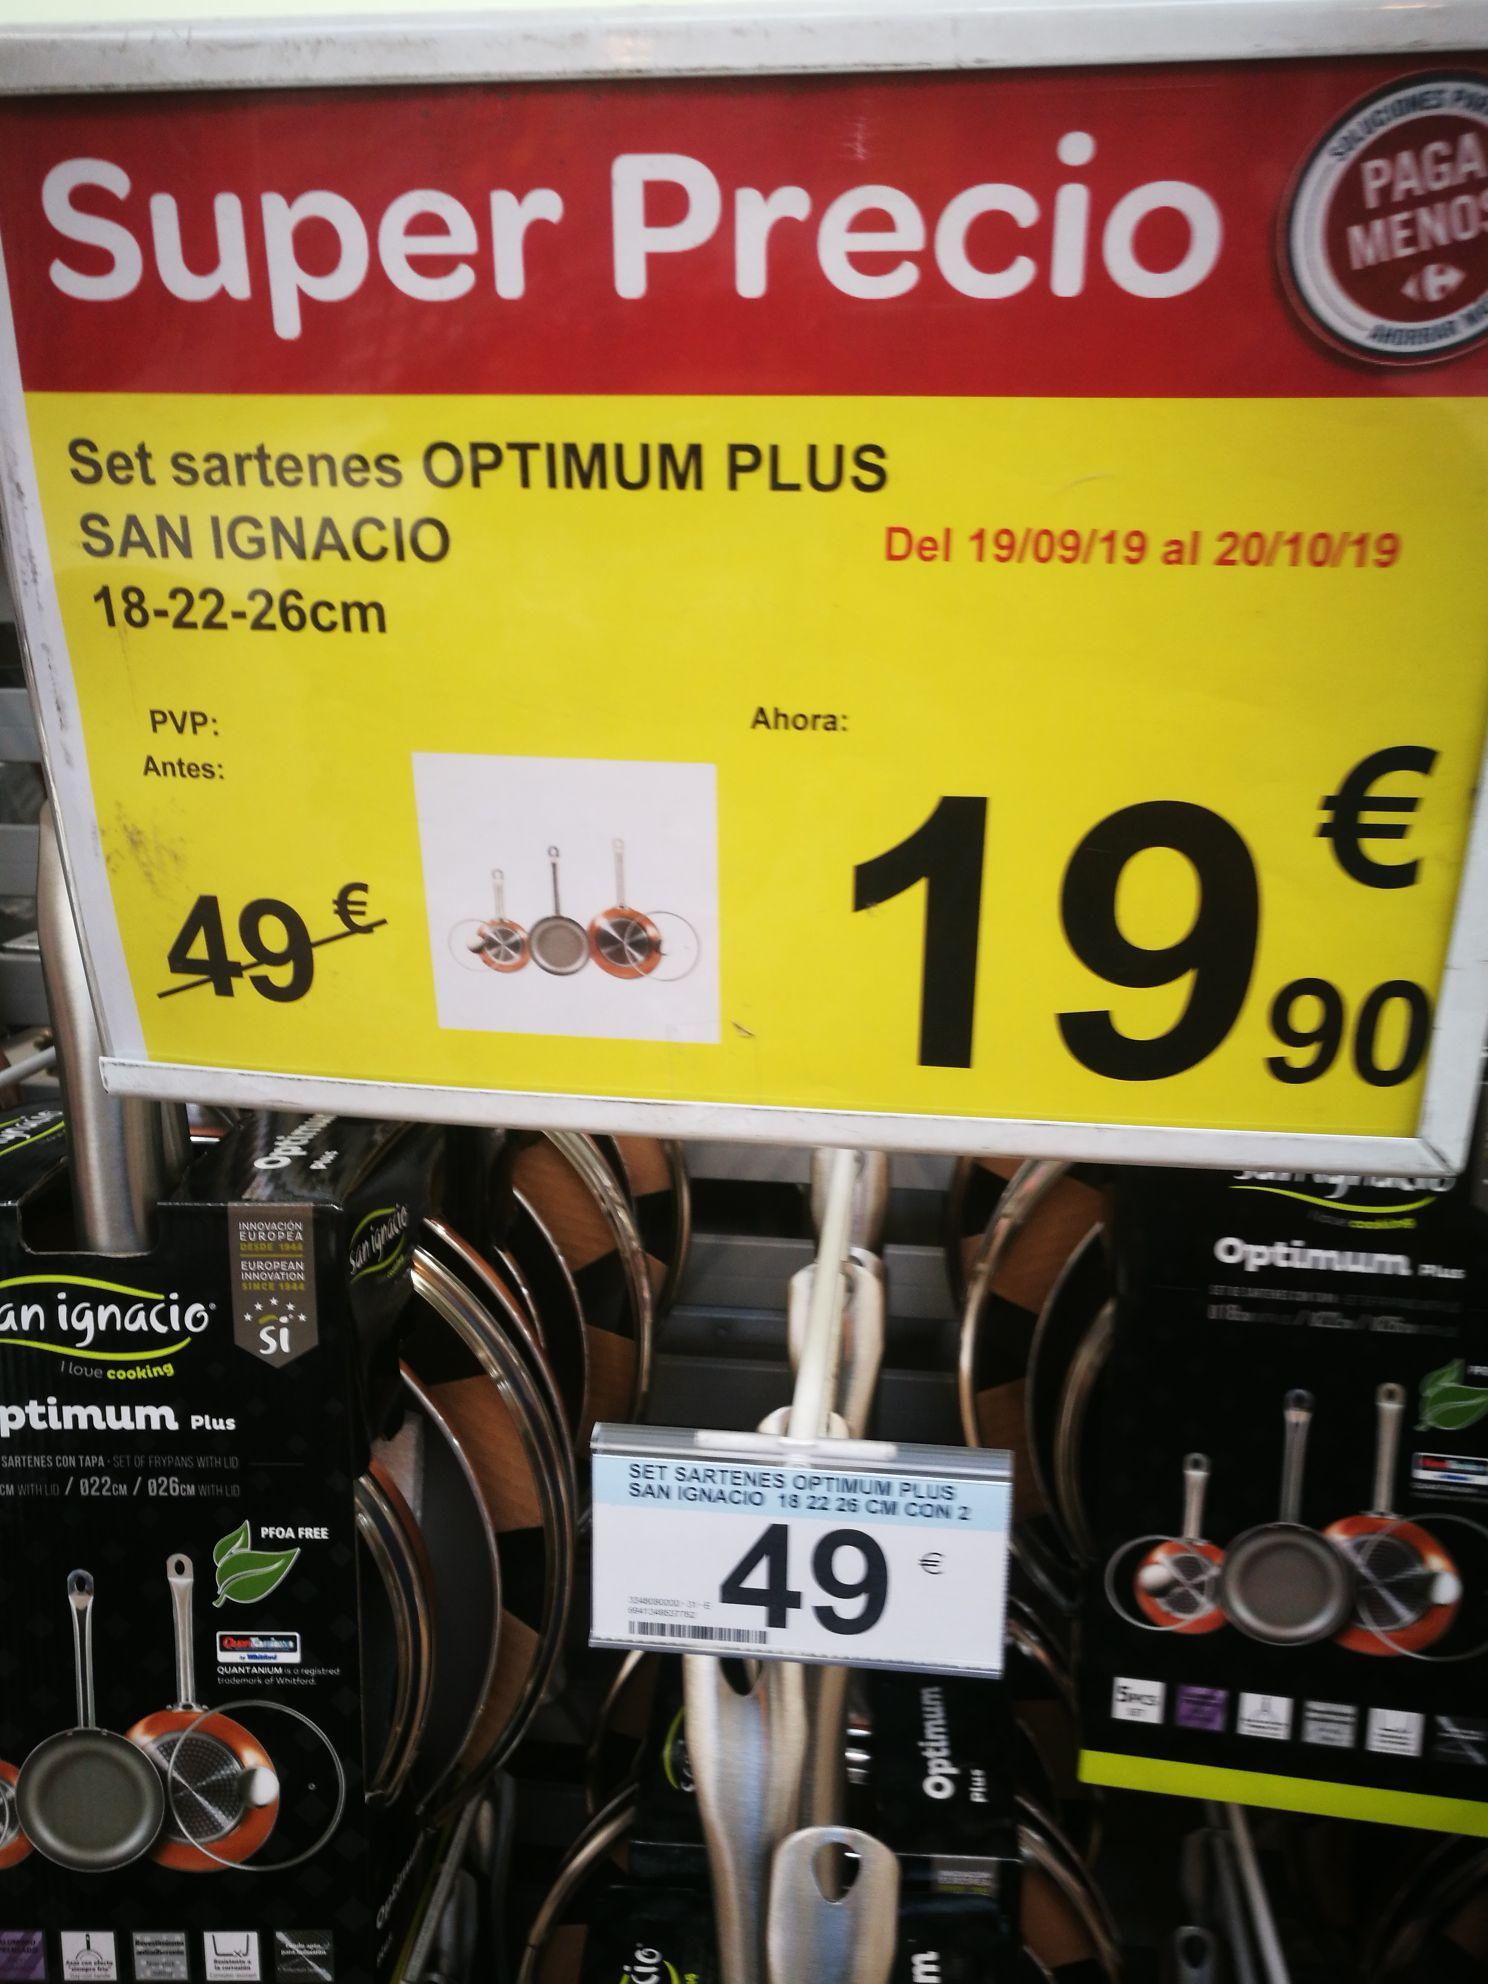 Set sartenes OPTIMUM PLUS SAN IGNACIO 18-22-26cm